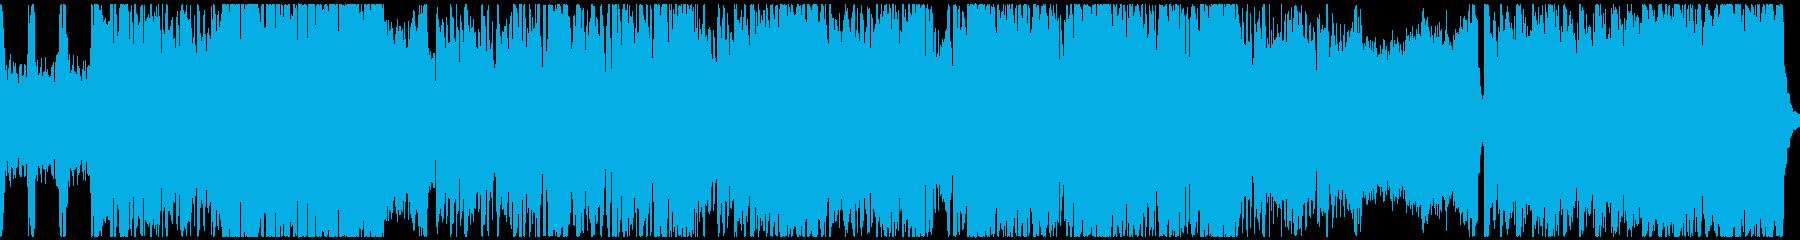 熱いフォークメタル(ループ)の再生済みの波形